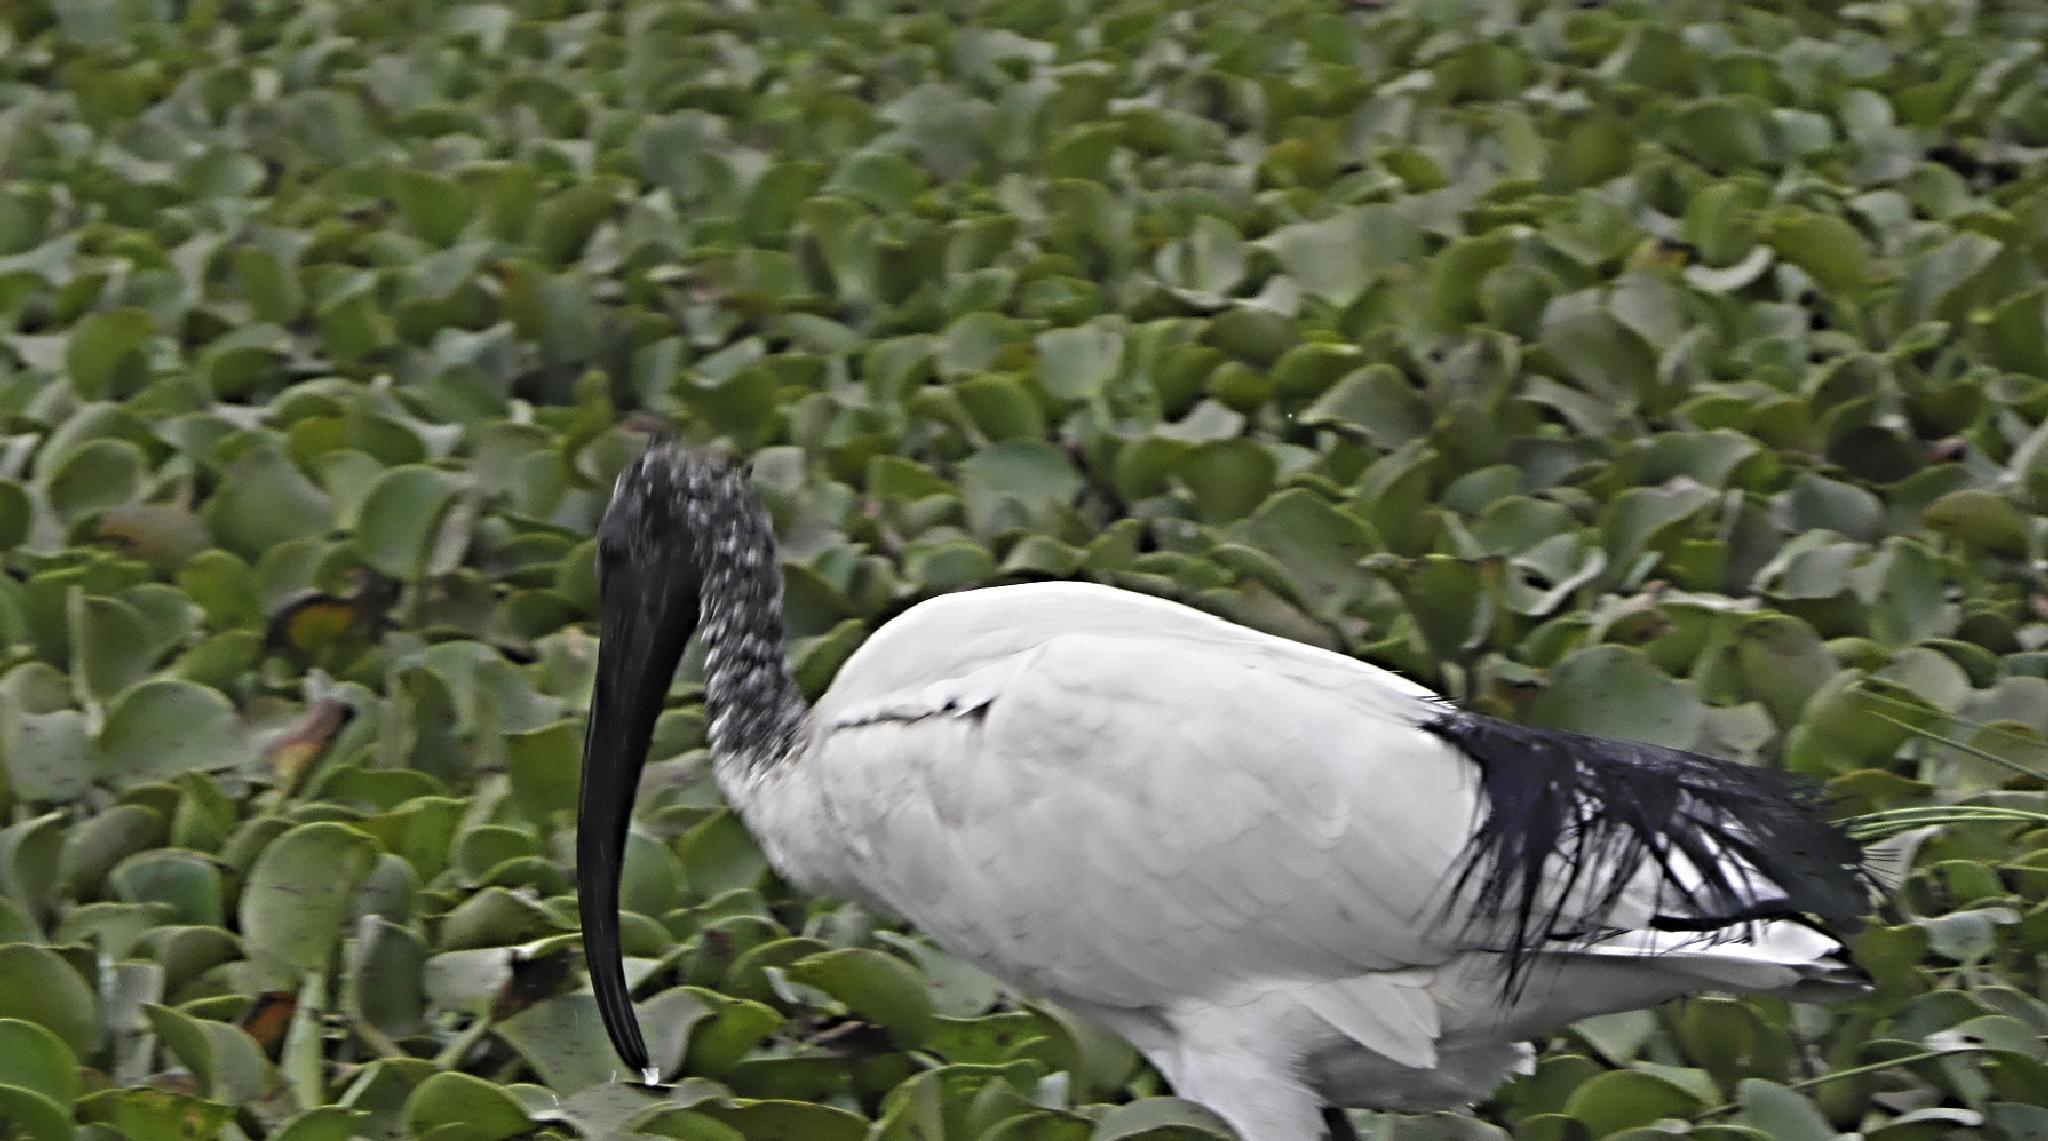 A bird in lake Naivasha, Kenya by dany.kahanovitch